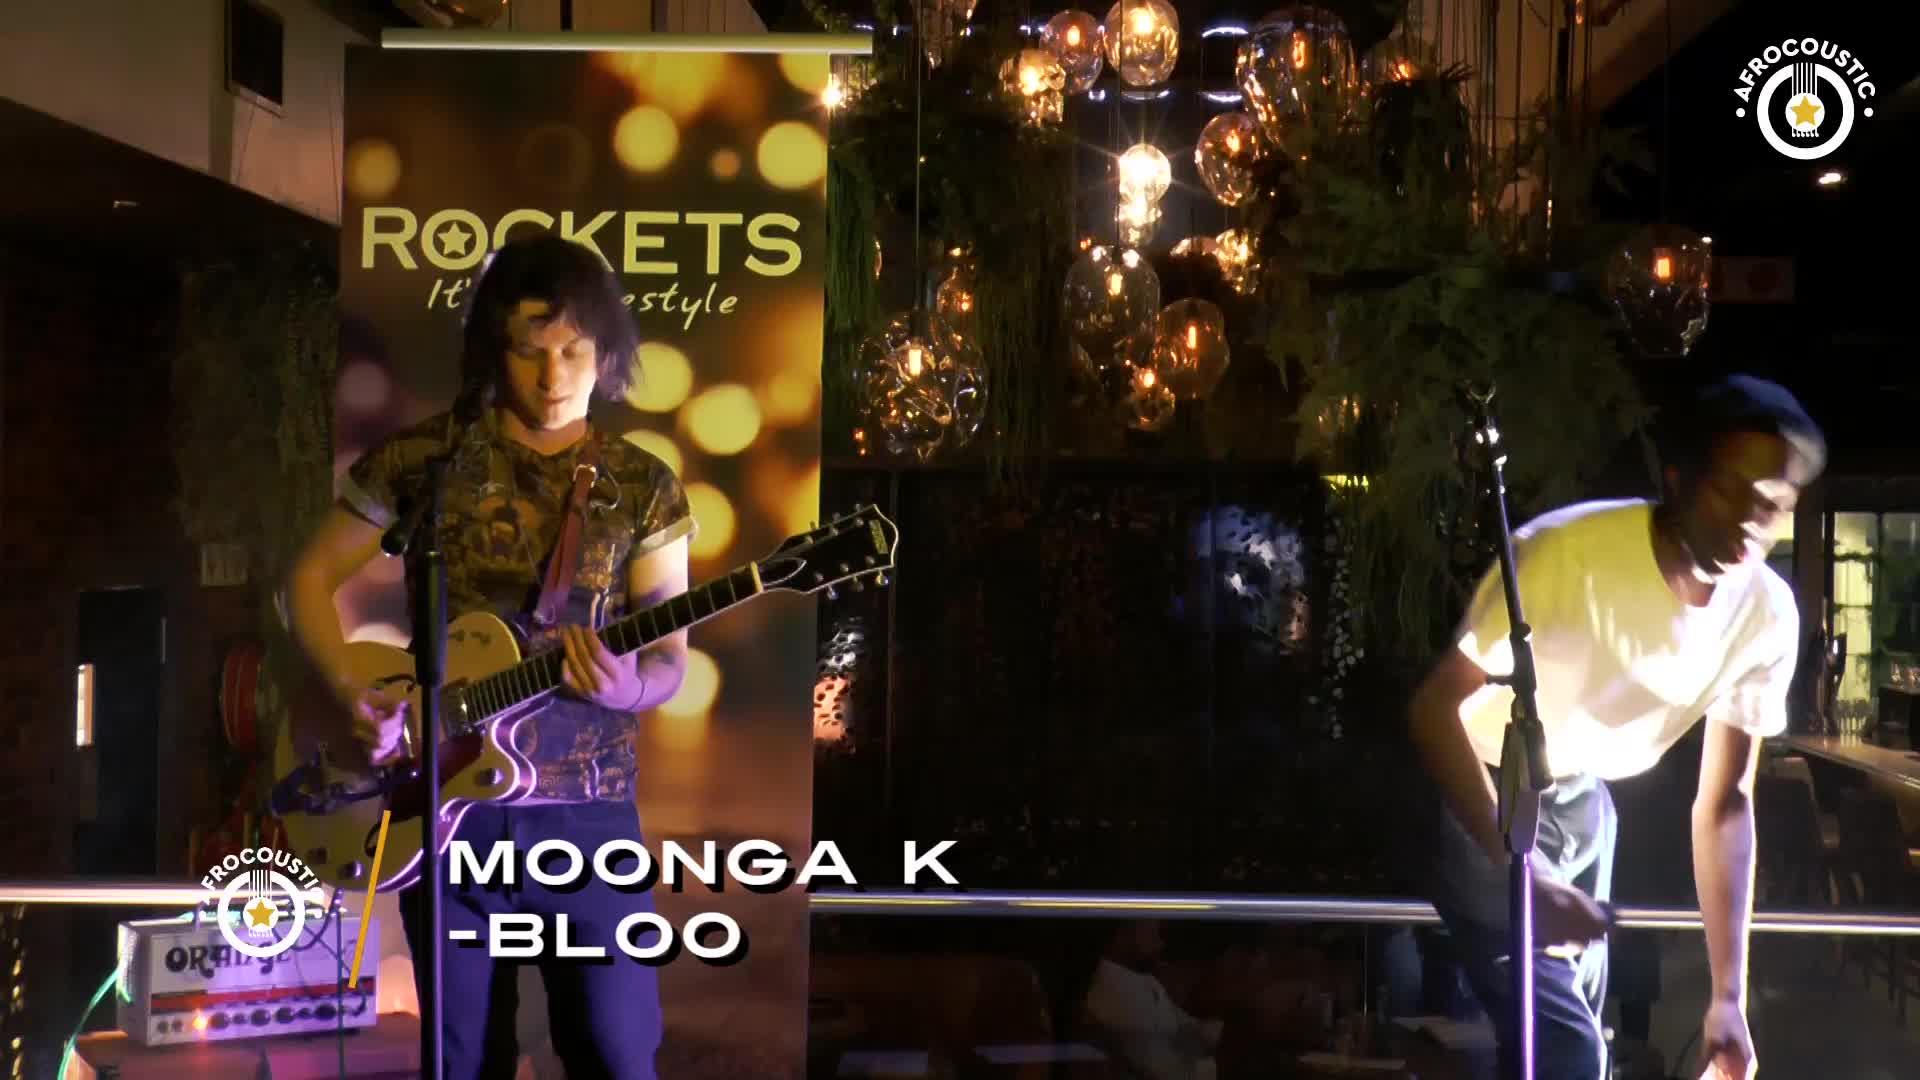 Affrocoustic - Moonga K - Bloo